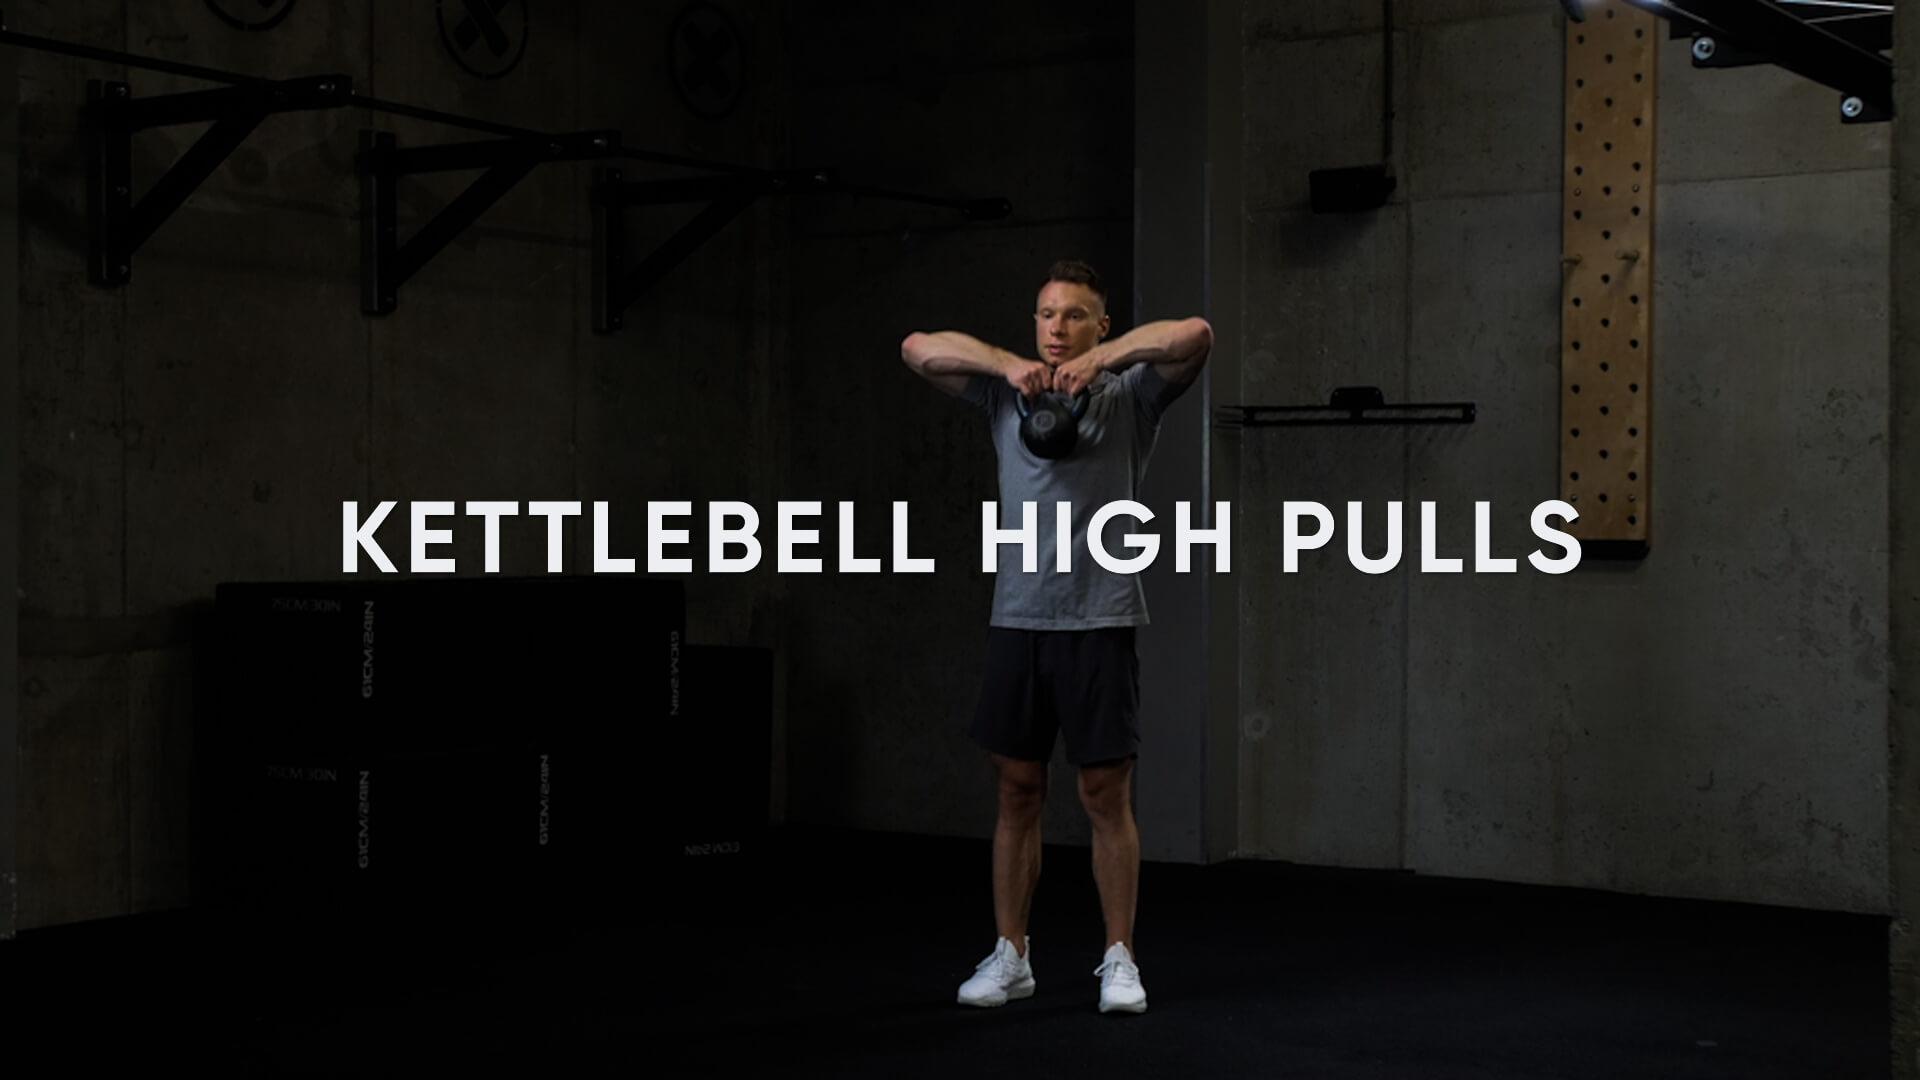 Kettlebell High Pulls